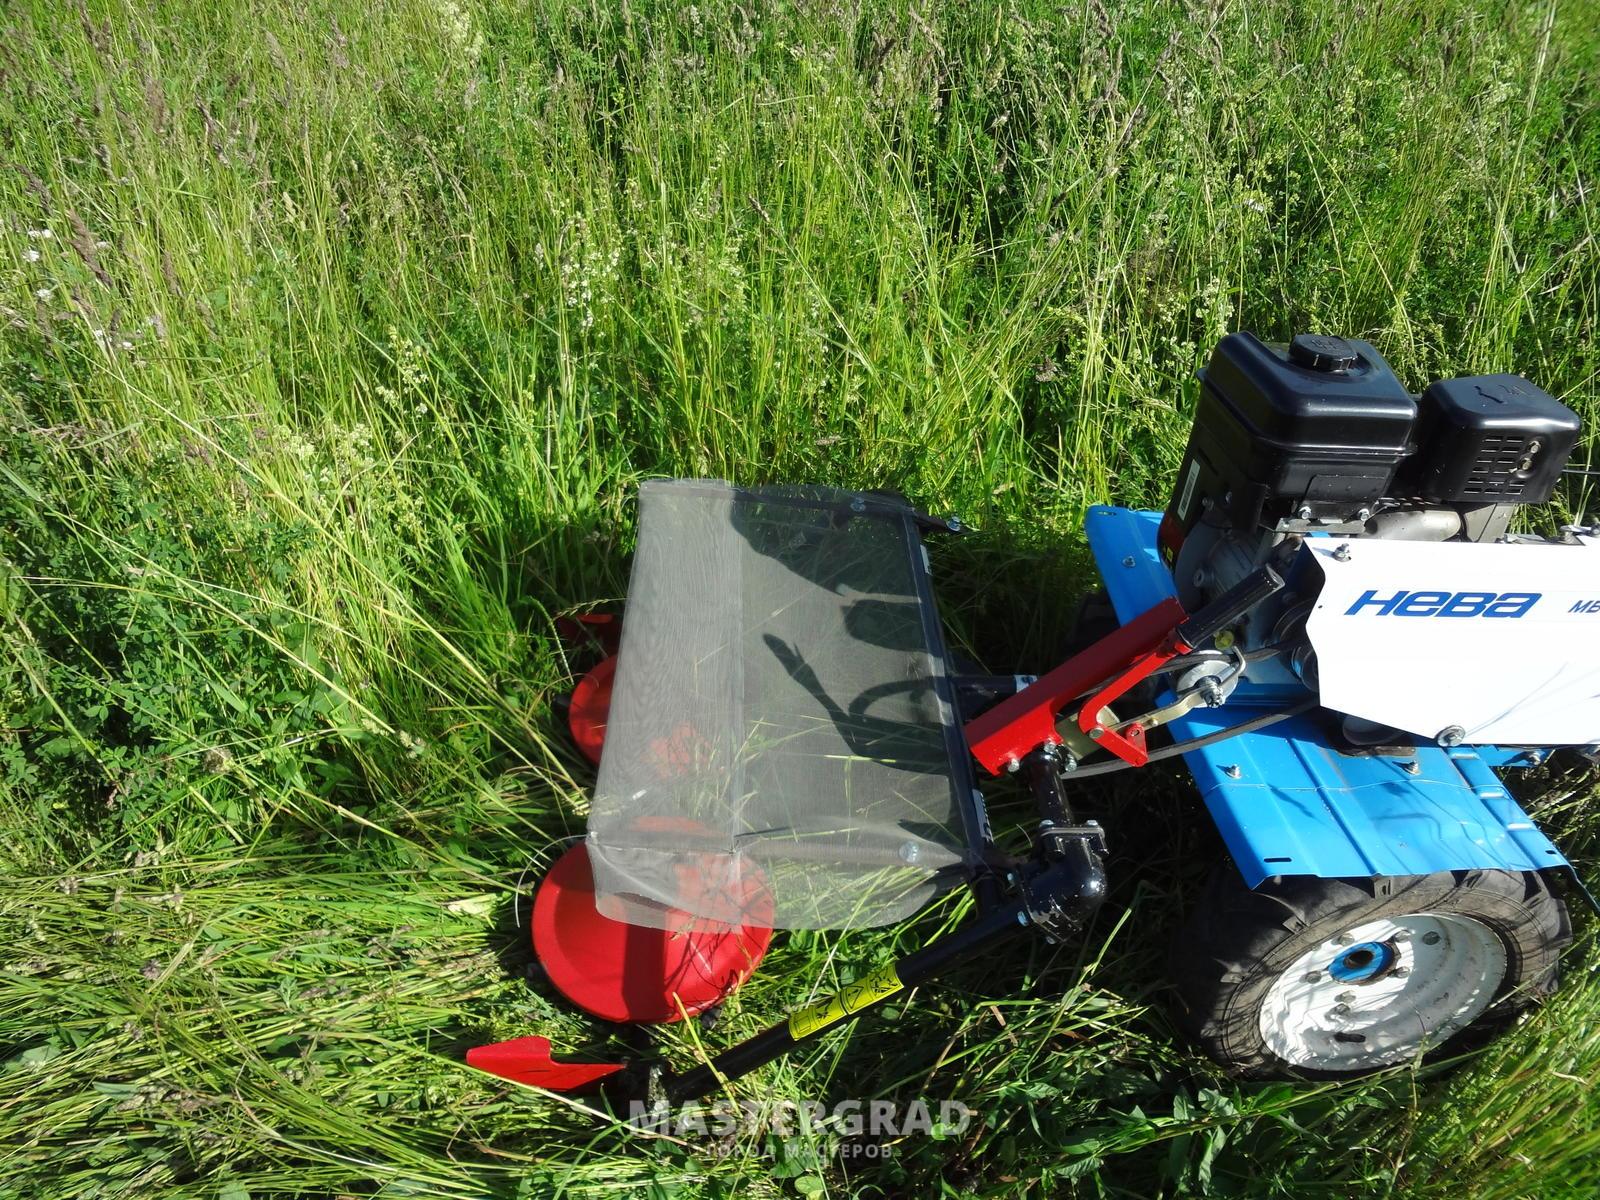 Роторная косилка для мотоблока своими руками : чертежи, видео инструкция 85